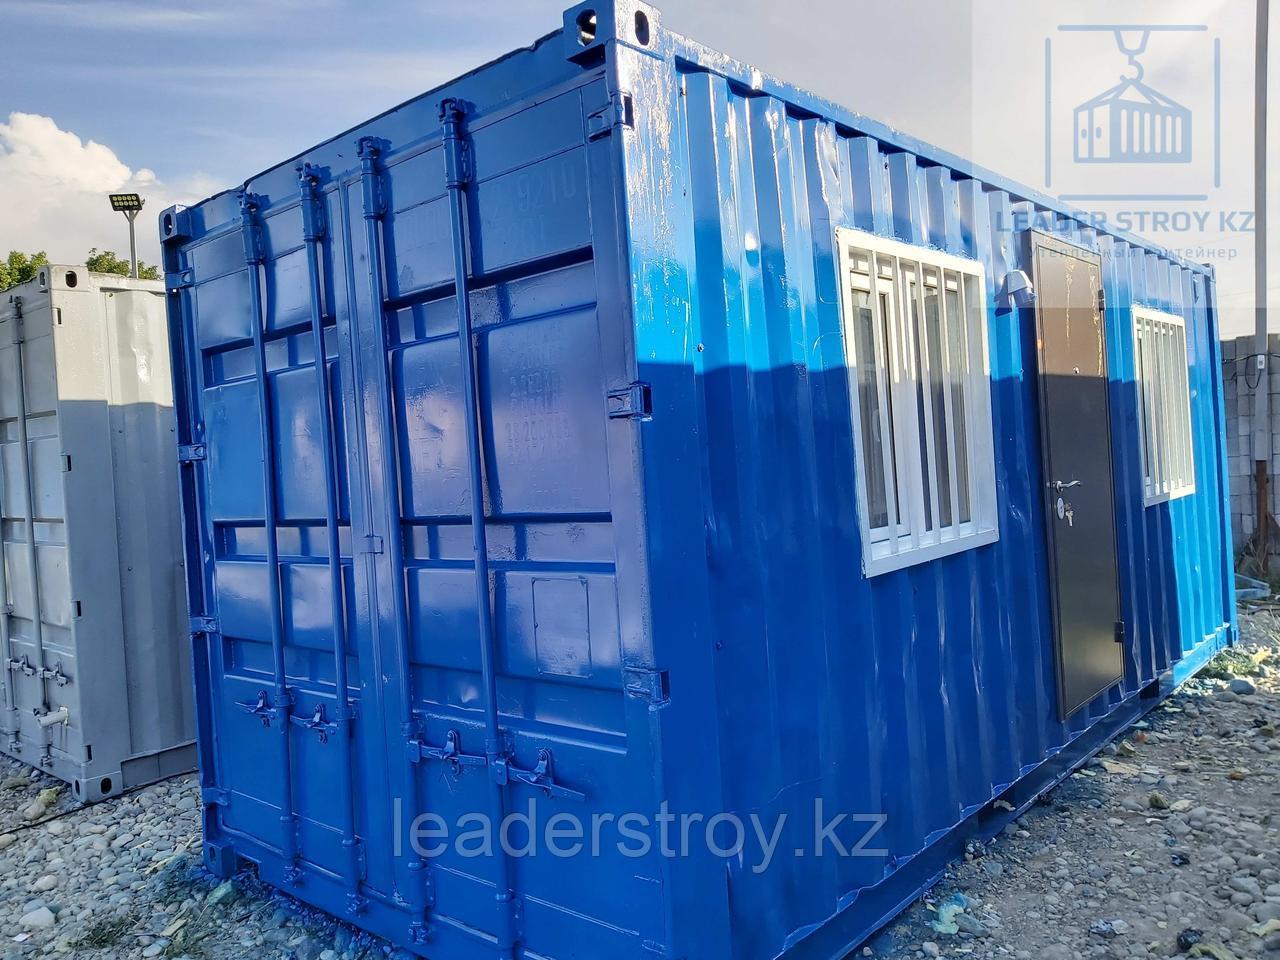 Жилое помещение для офиса из 20 футового контейнера